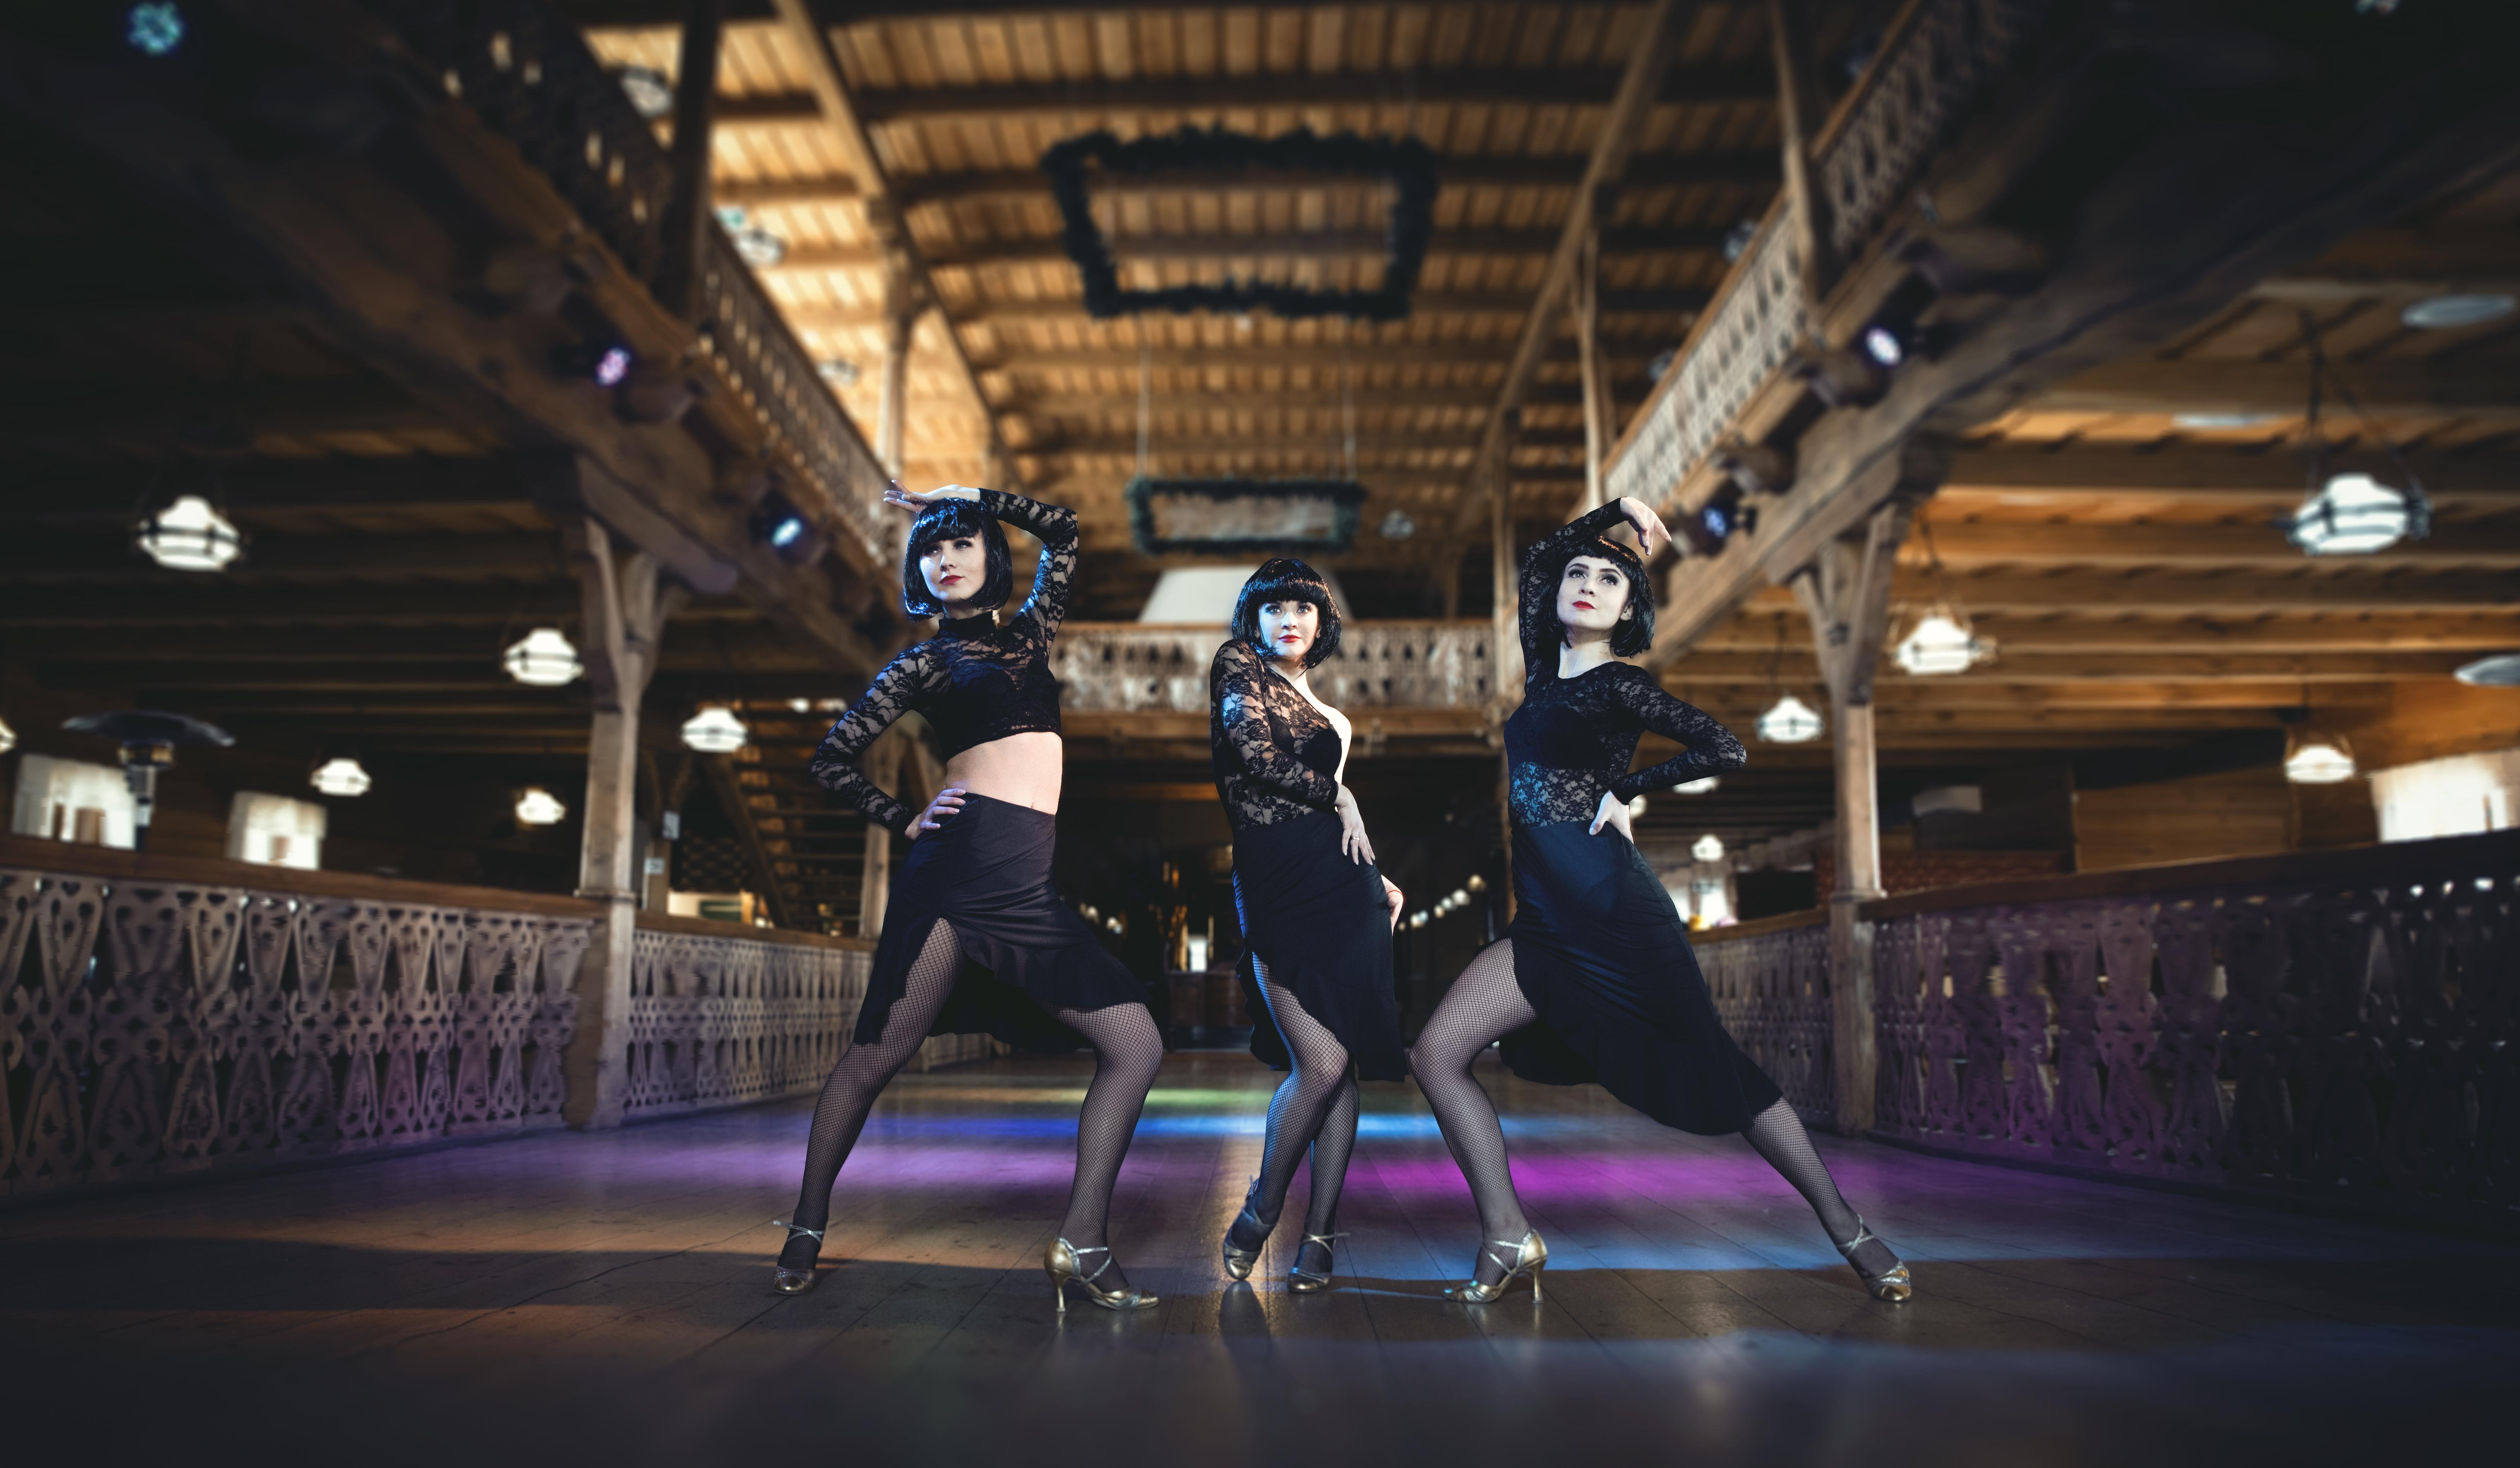 Tango šokio šou programa vestuvėms, gimtadieniui, įmonės vakarėliams ir kitoms šventėms